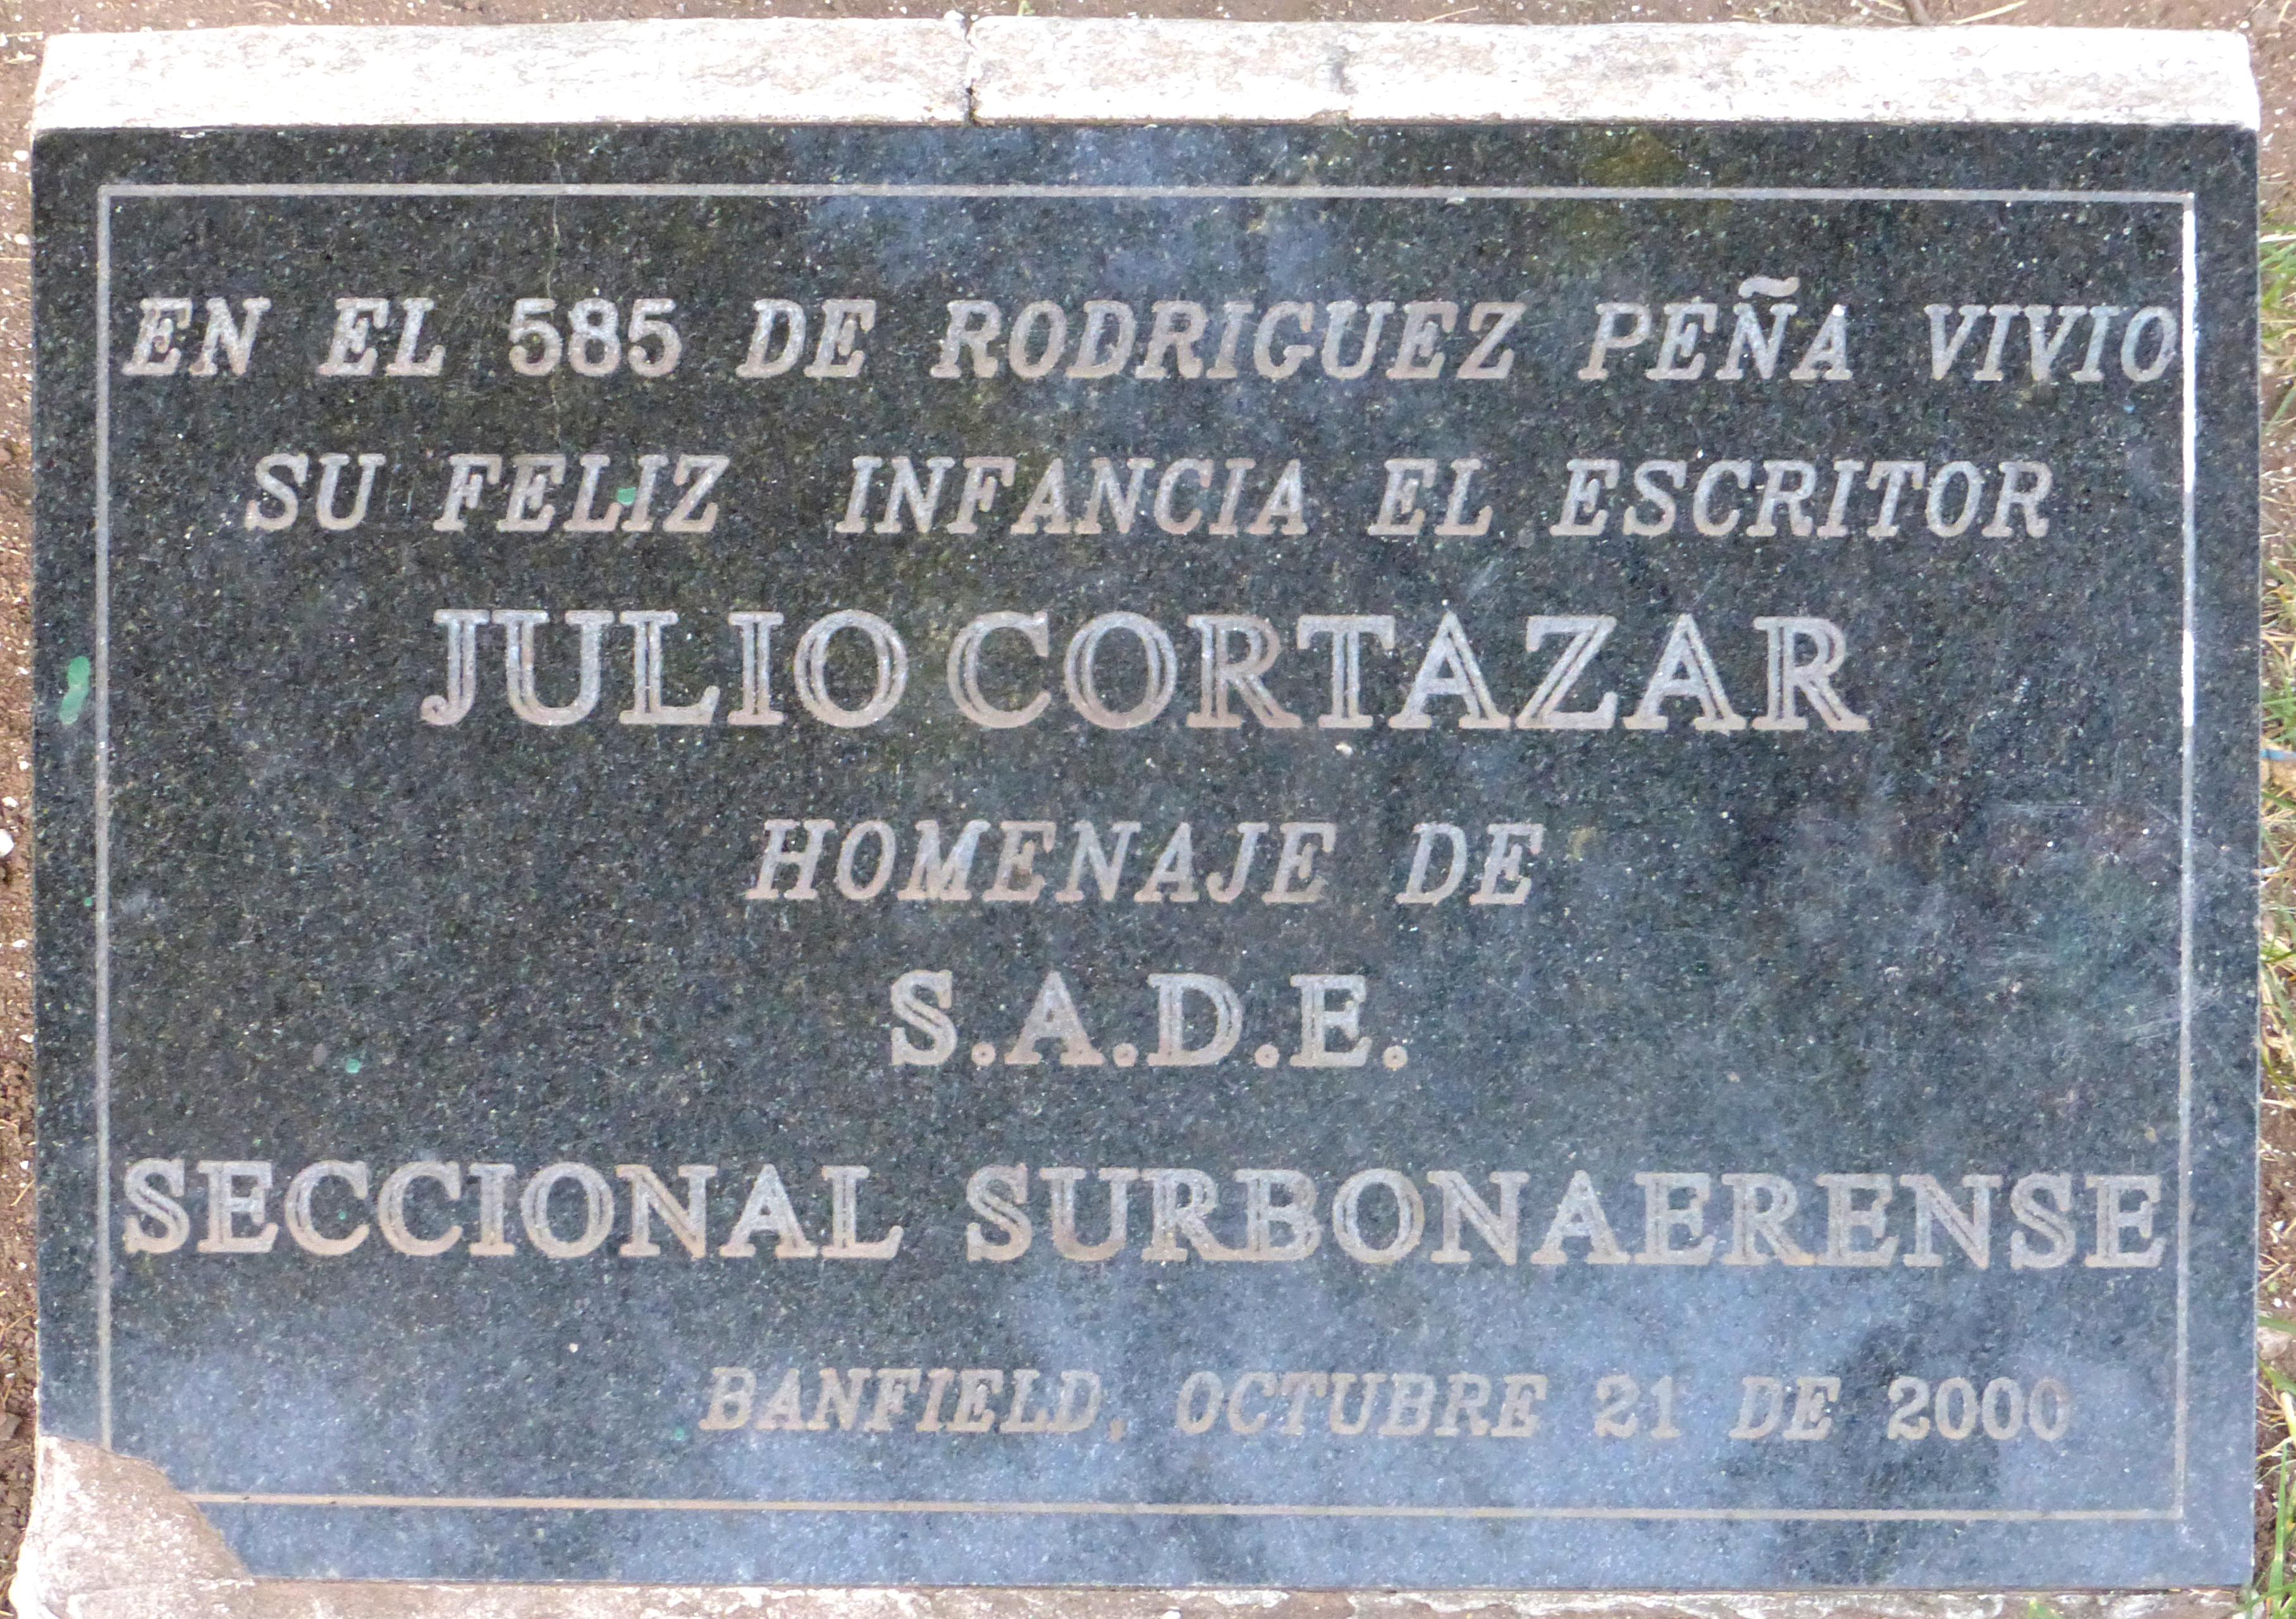 Placa en la plaza Alfredo De Angelis de la localidad de Banfield, que recuerda la infancia del escritor en dicha ciudad.